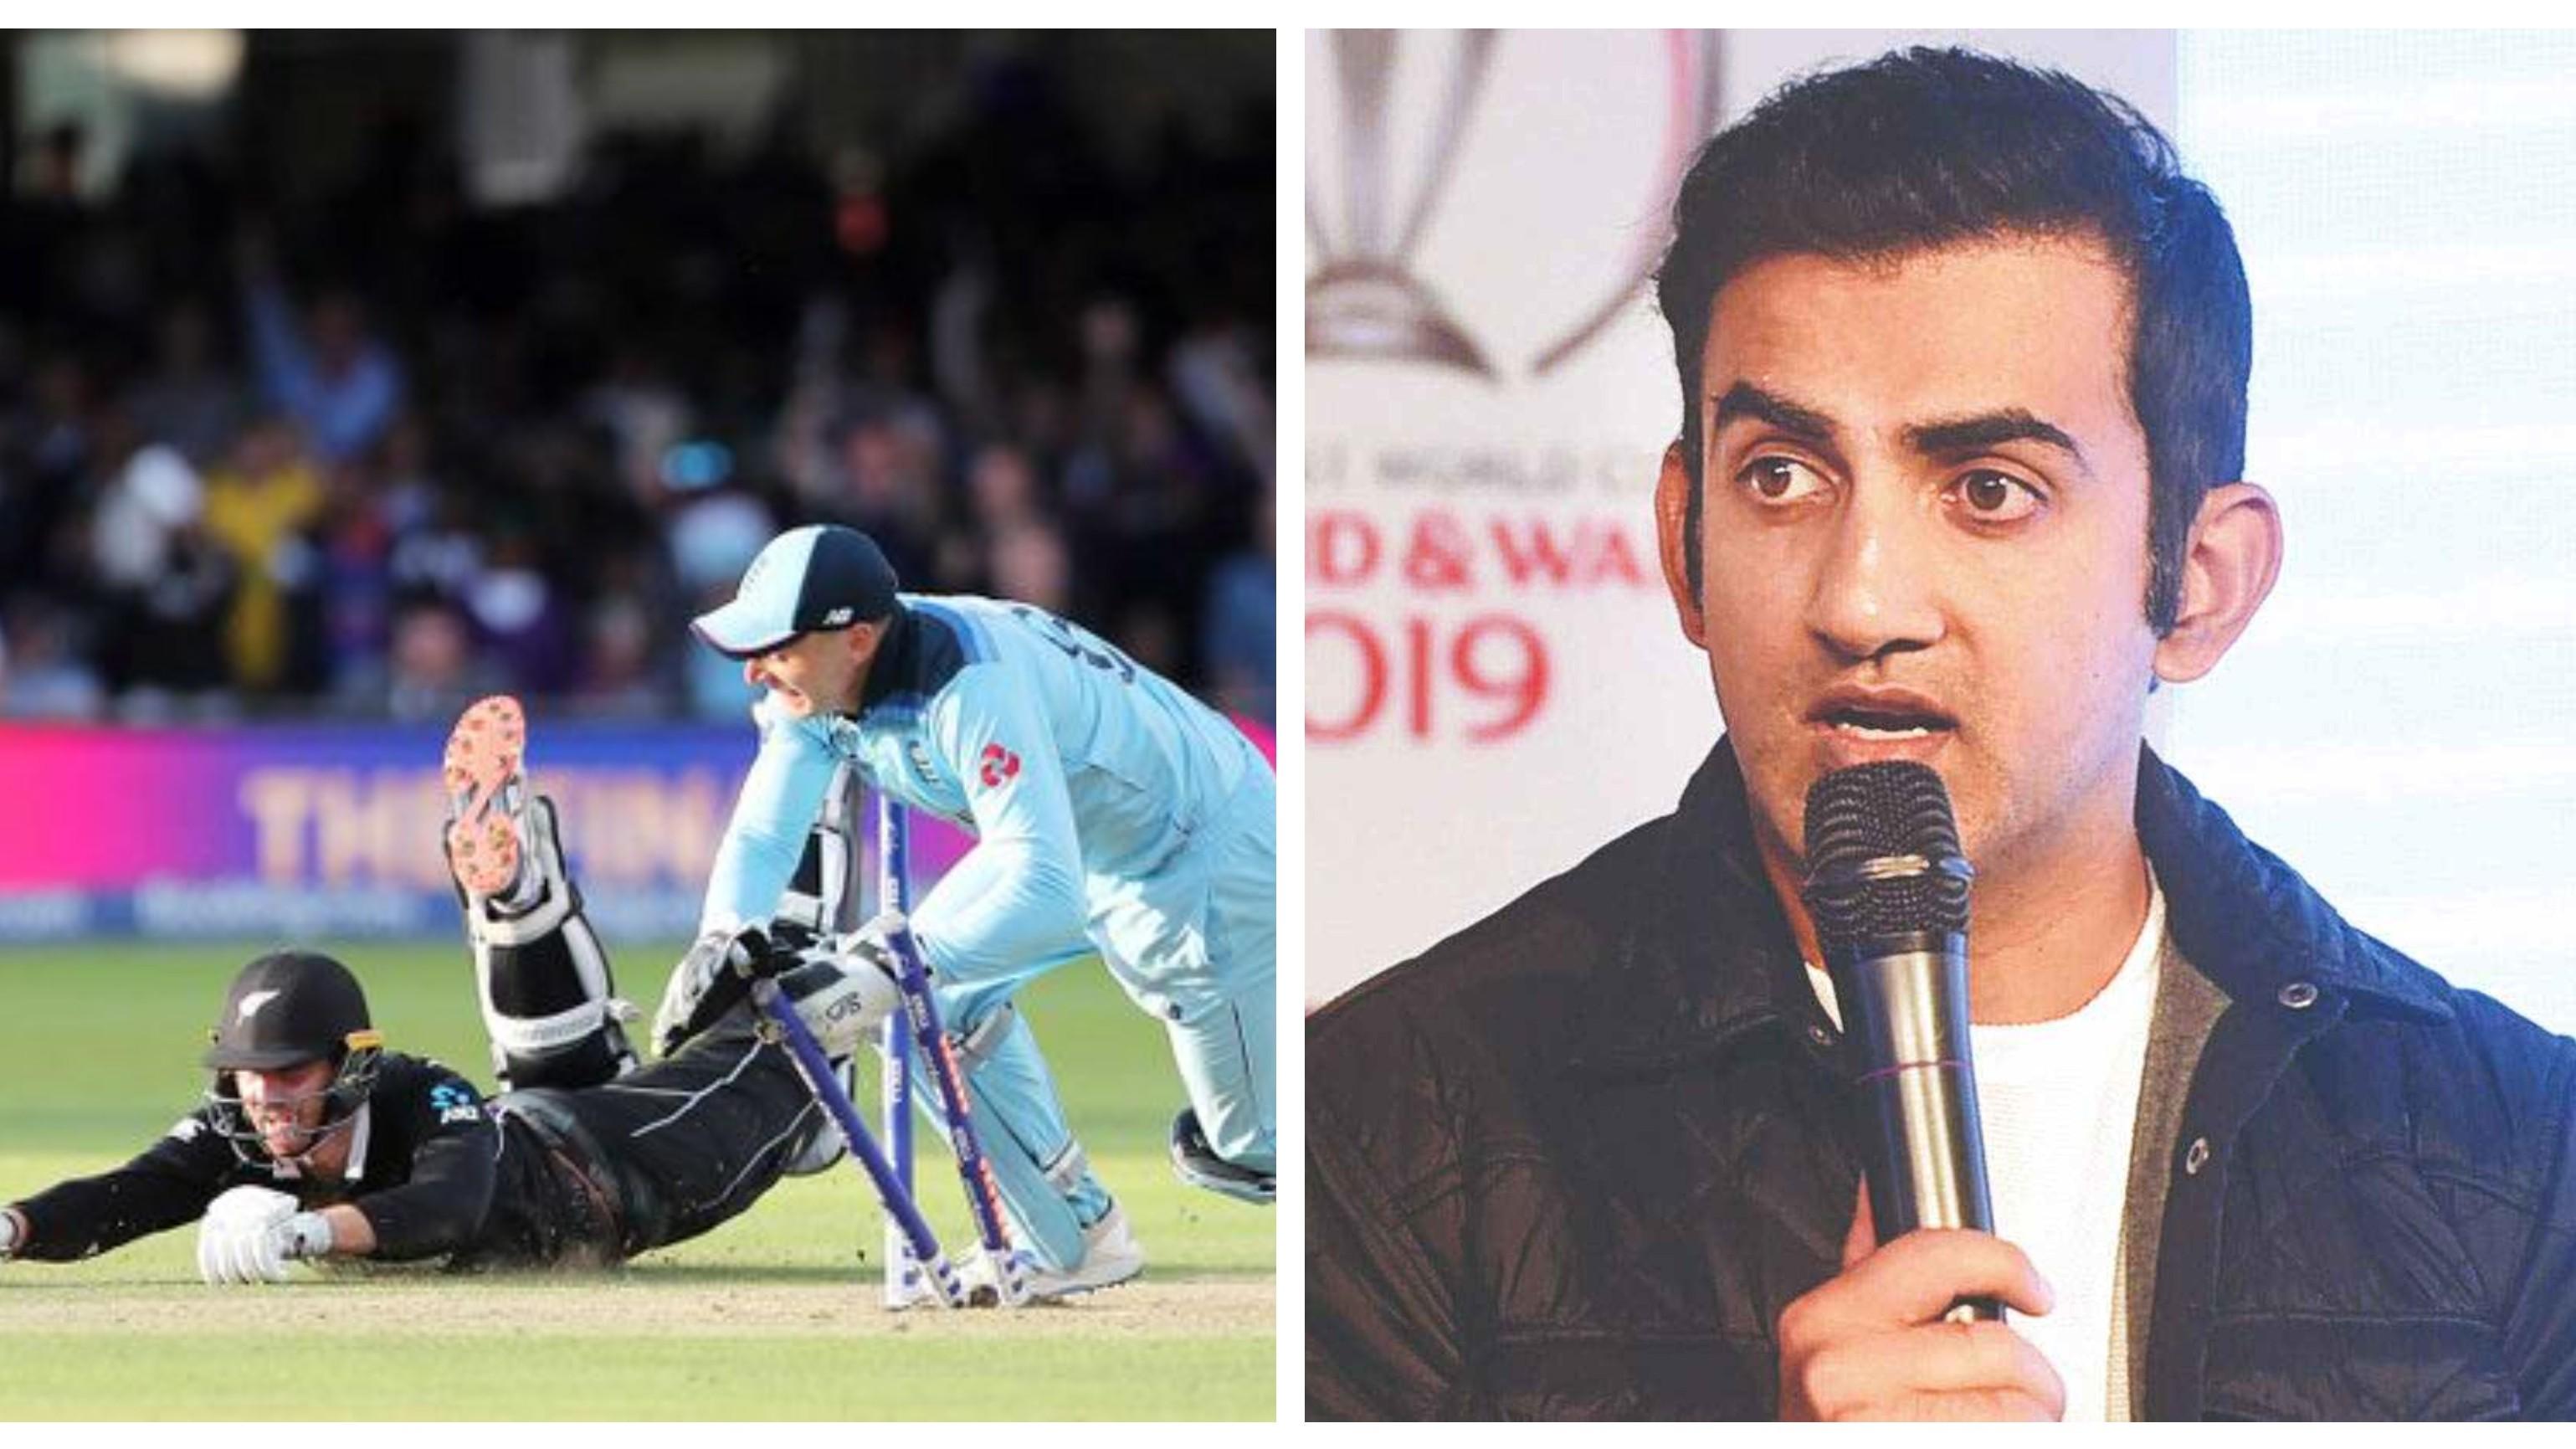 इंग्लैंड के साथ संयुक्त विजेता बनने योग्य थी न्यूज़ीलैंड की टीम : गौतम गंभीर